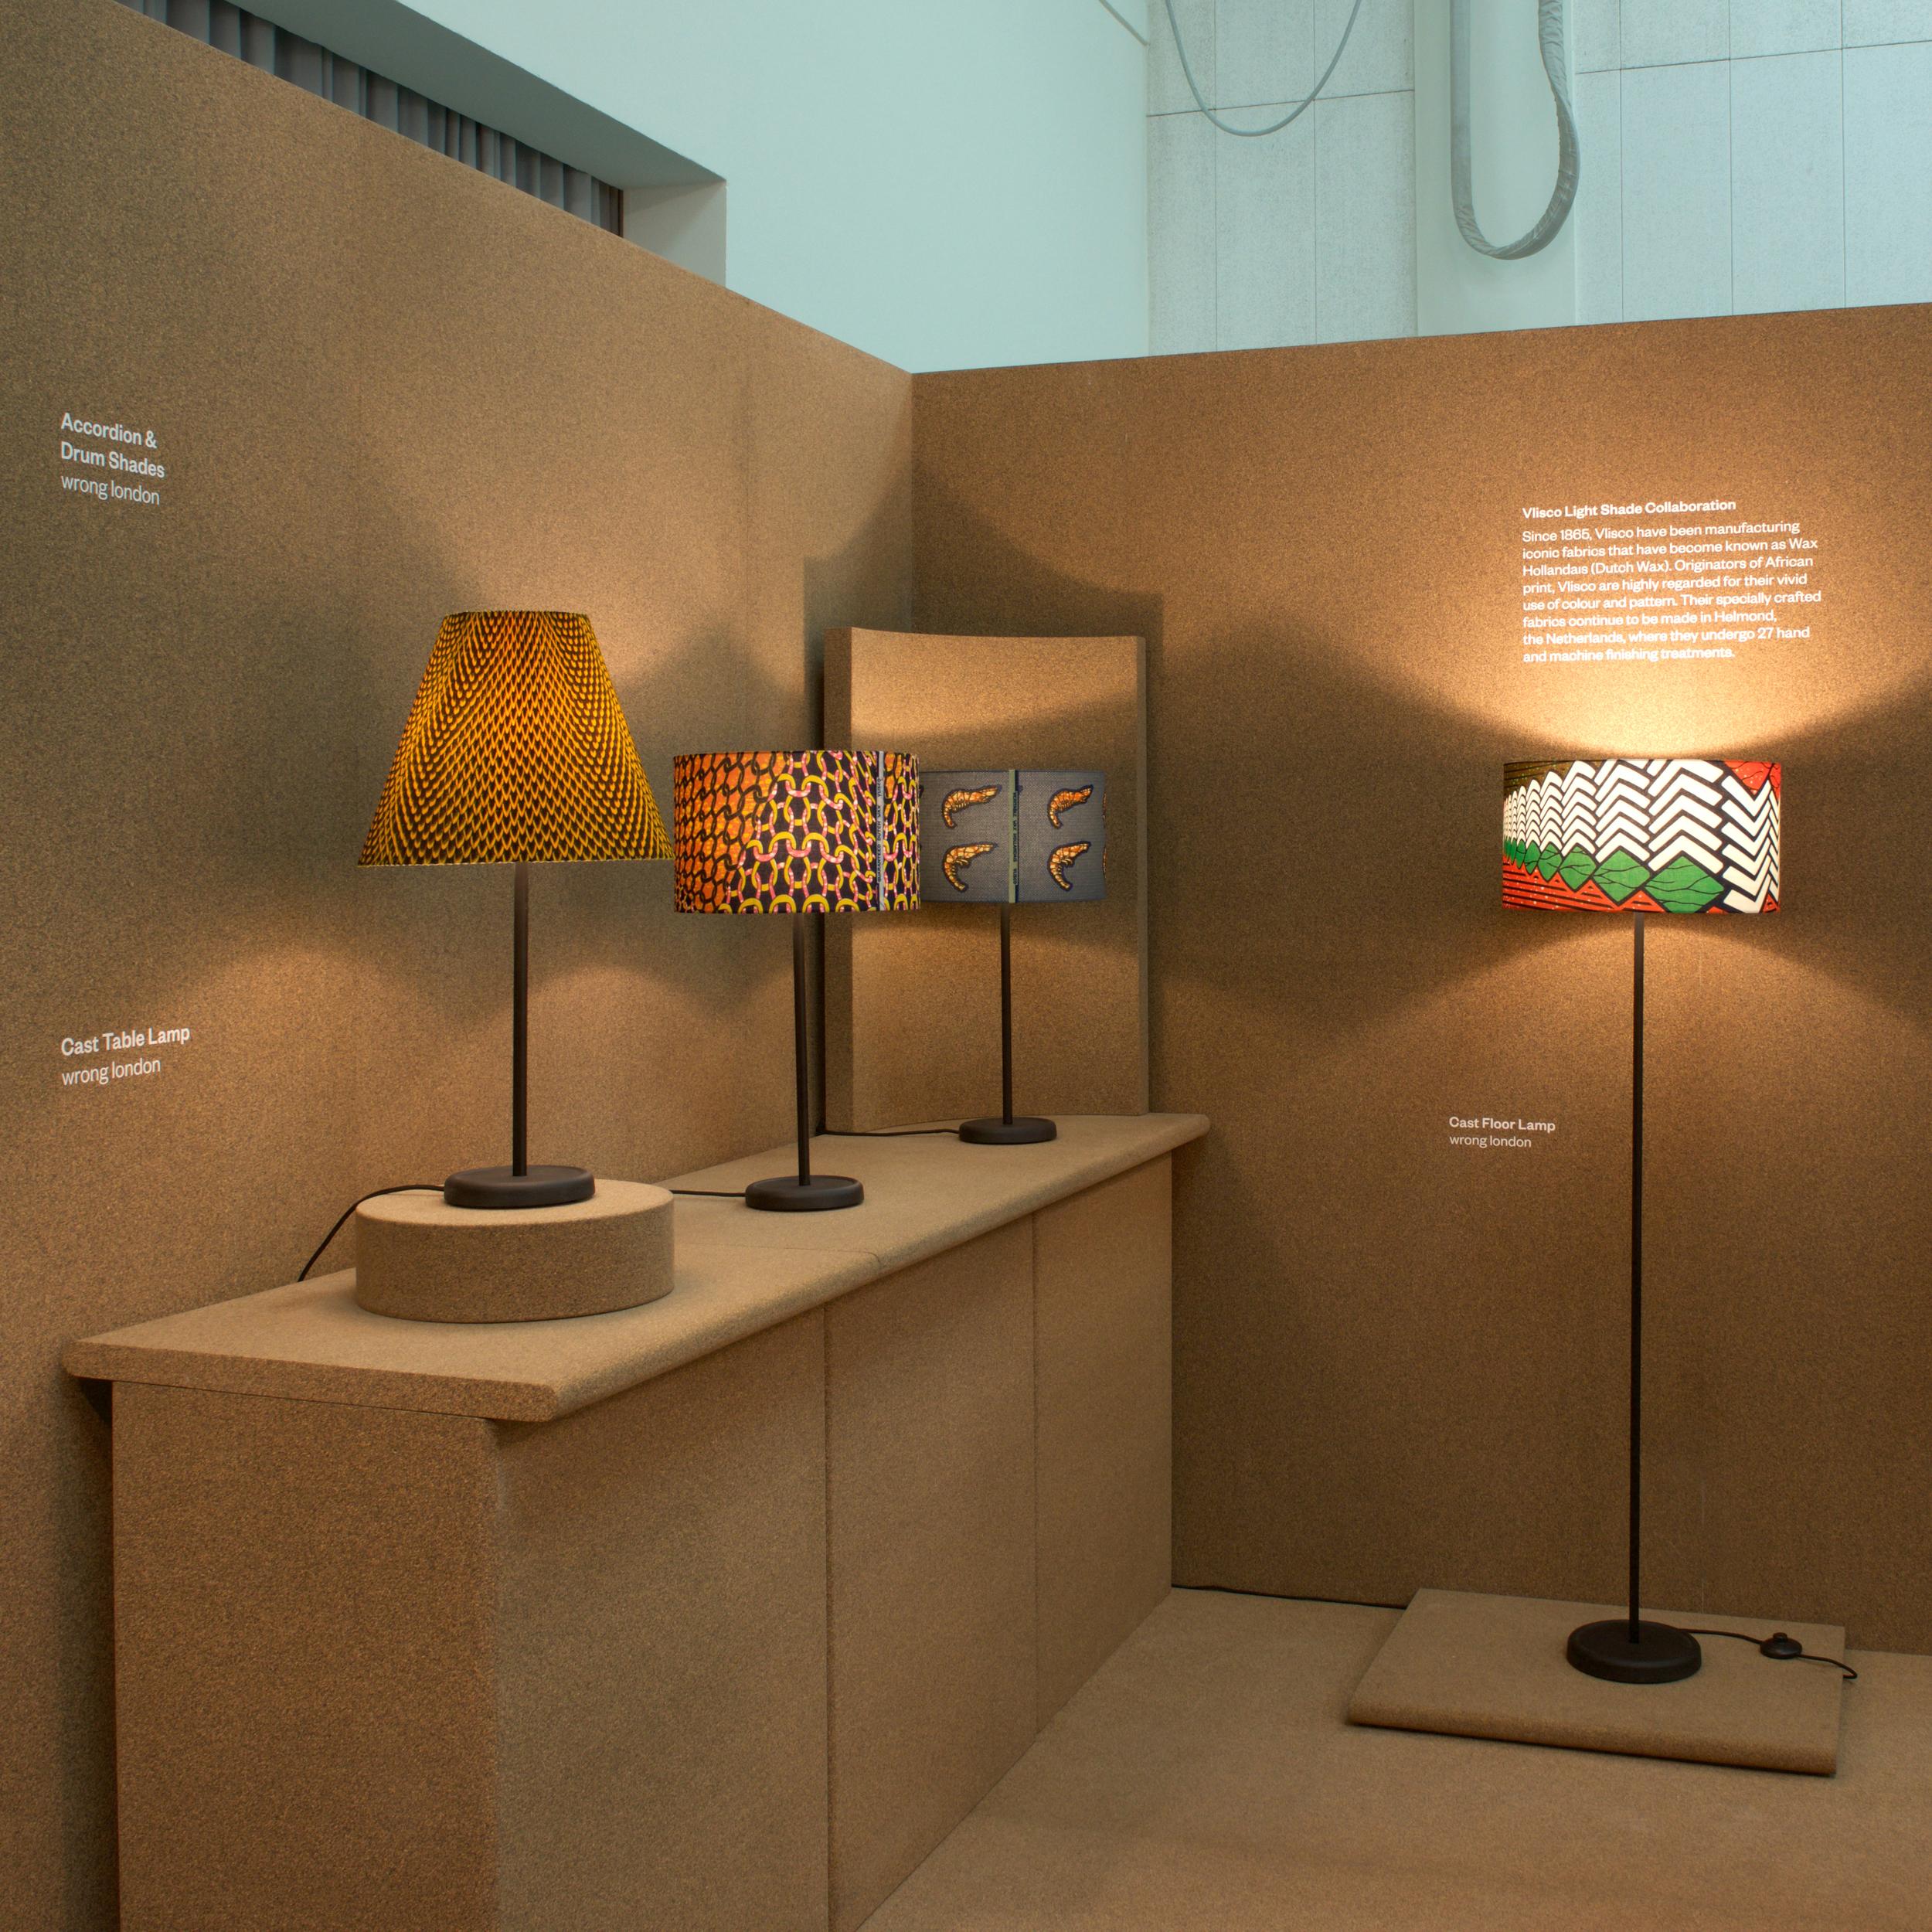 183 Cast lamps